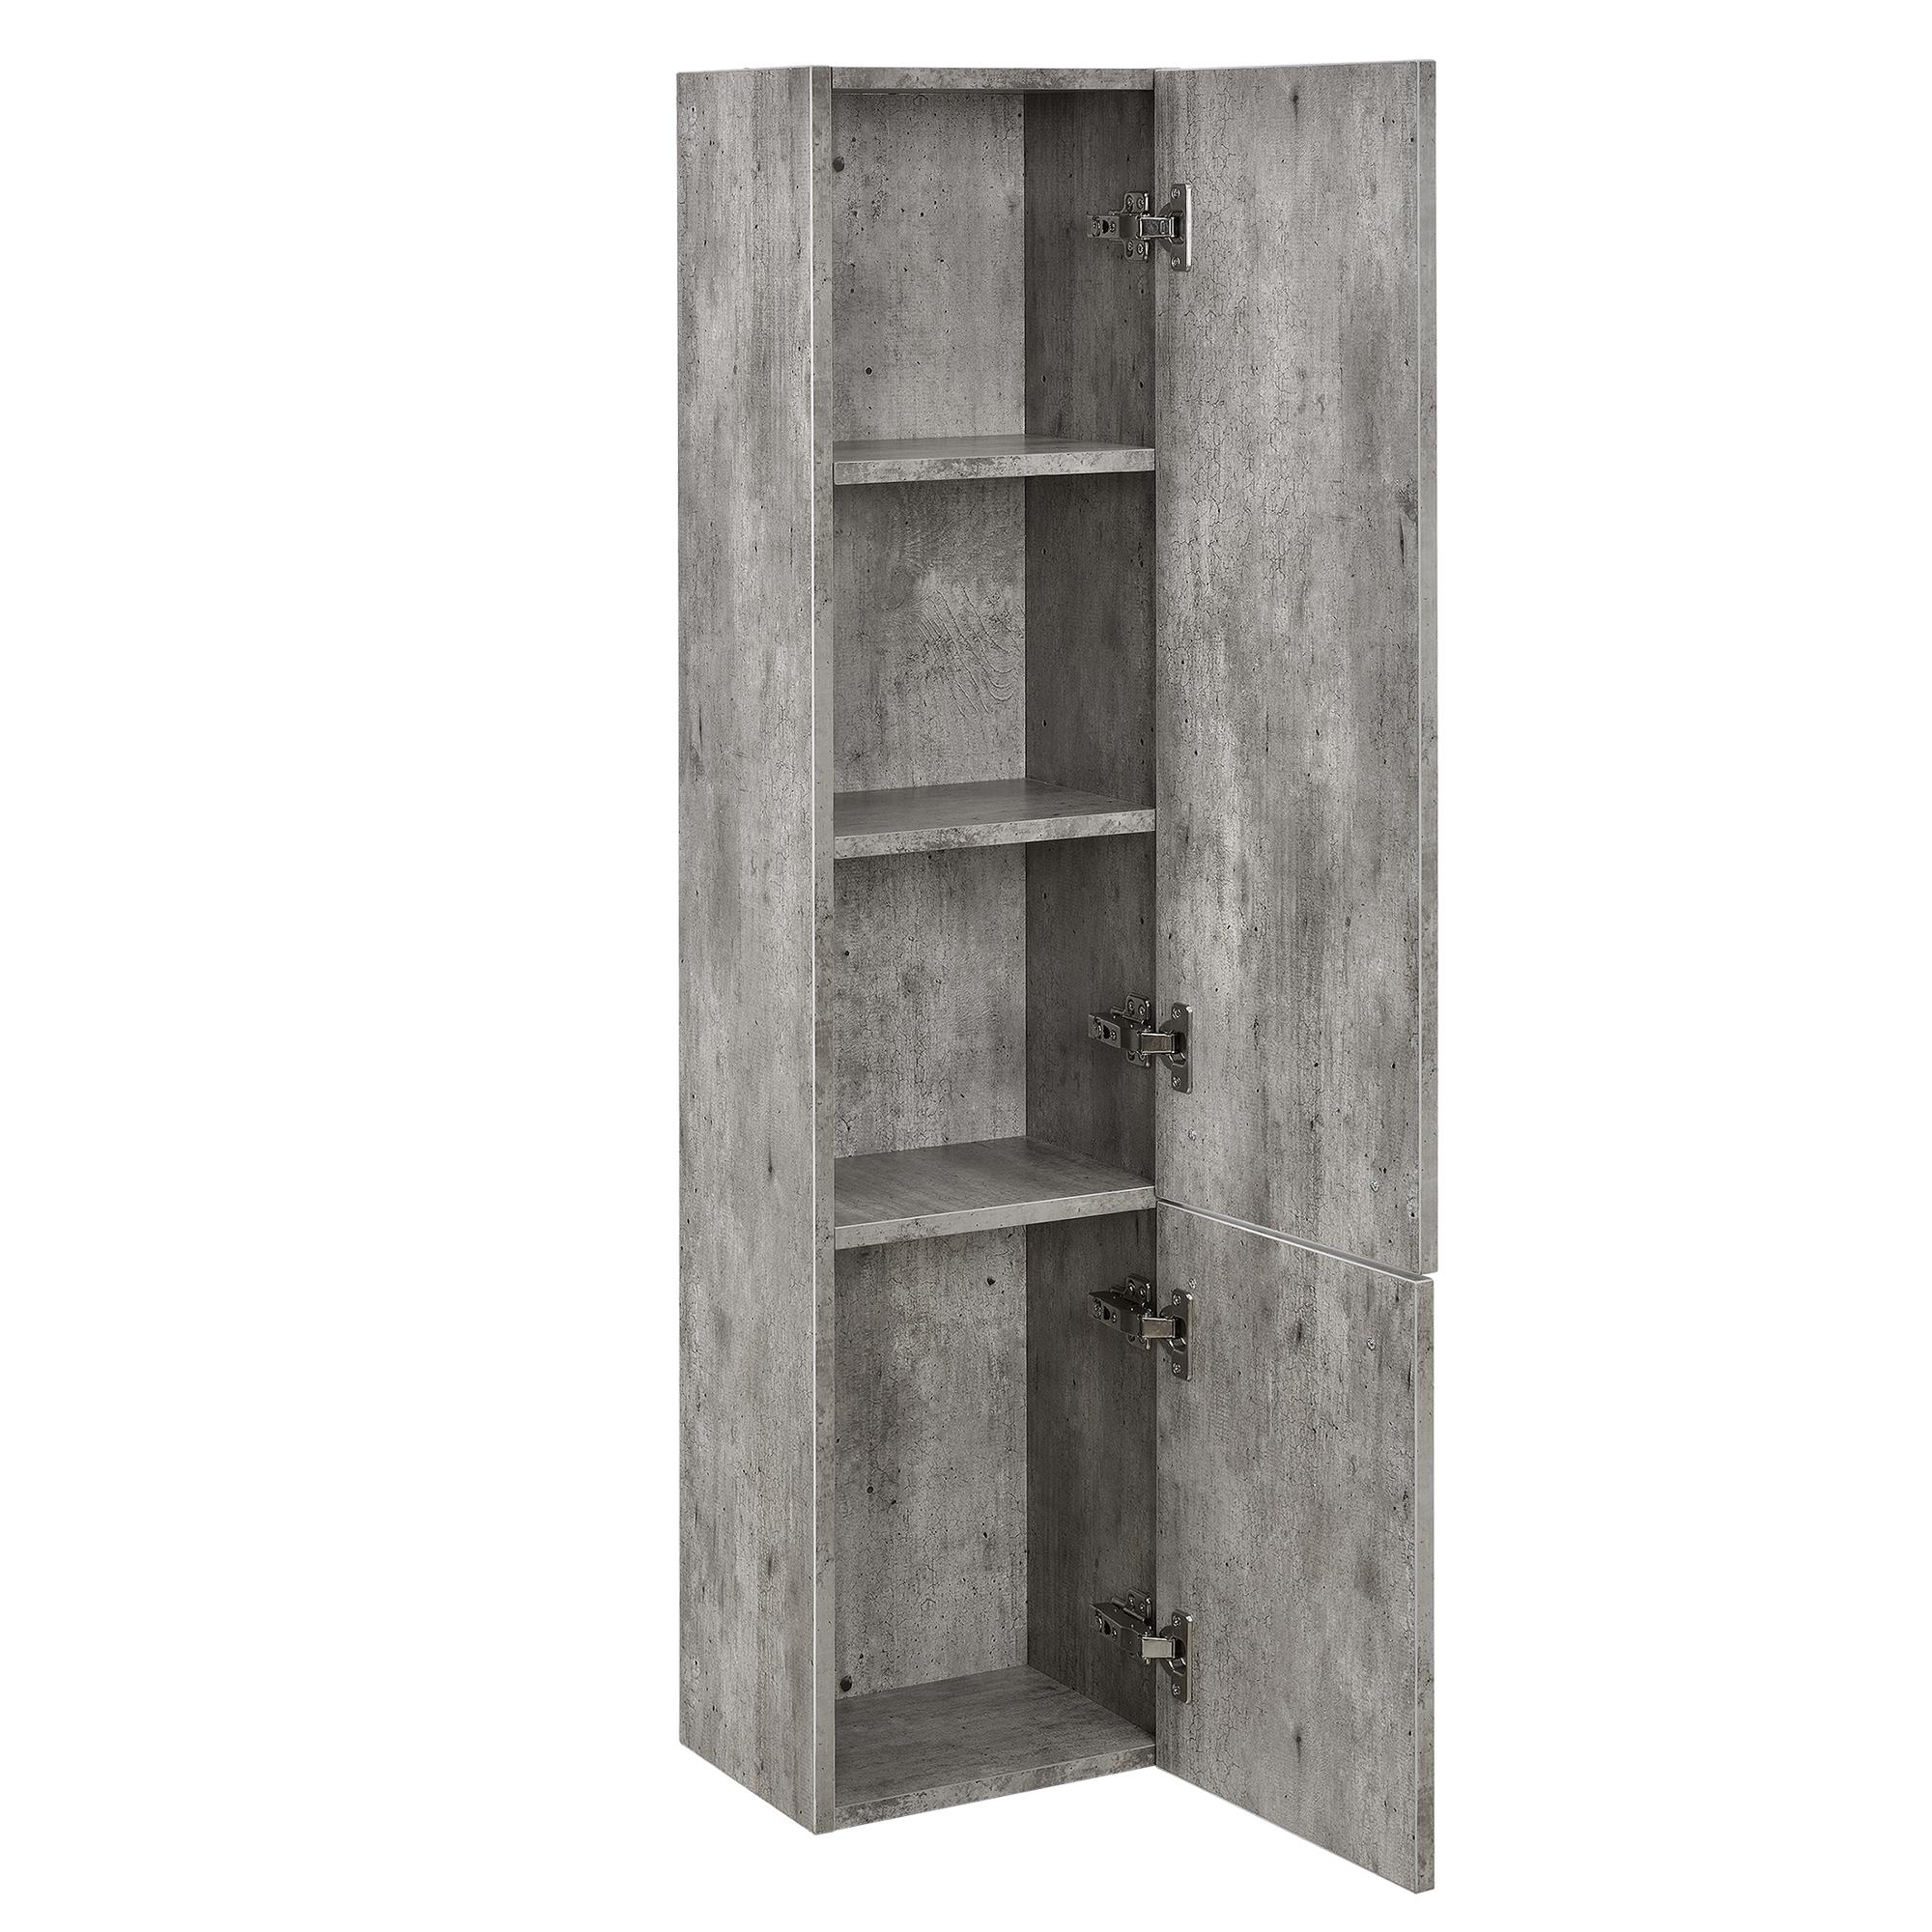 Neuhaus armoire de salle bain meuble dessous lavabo for Meuble dessous lavabo